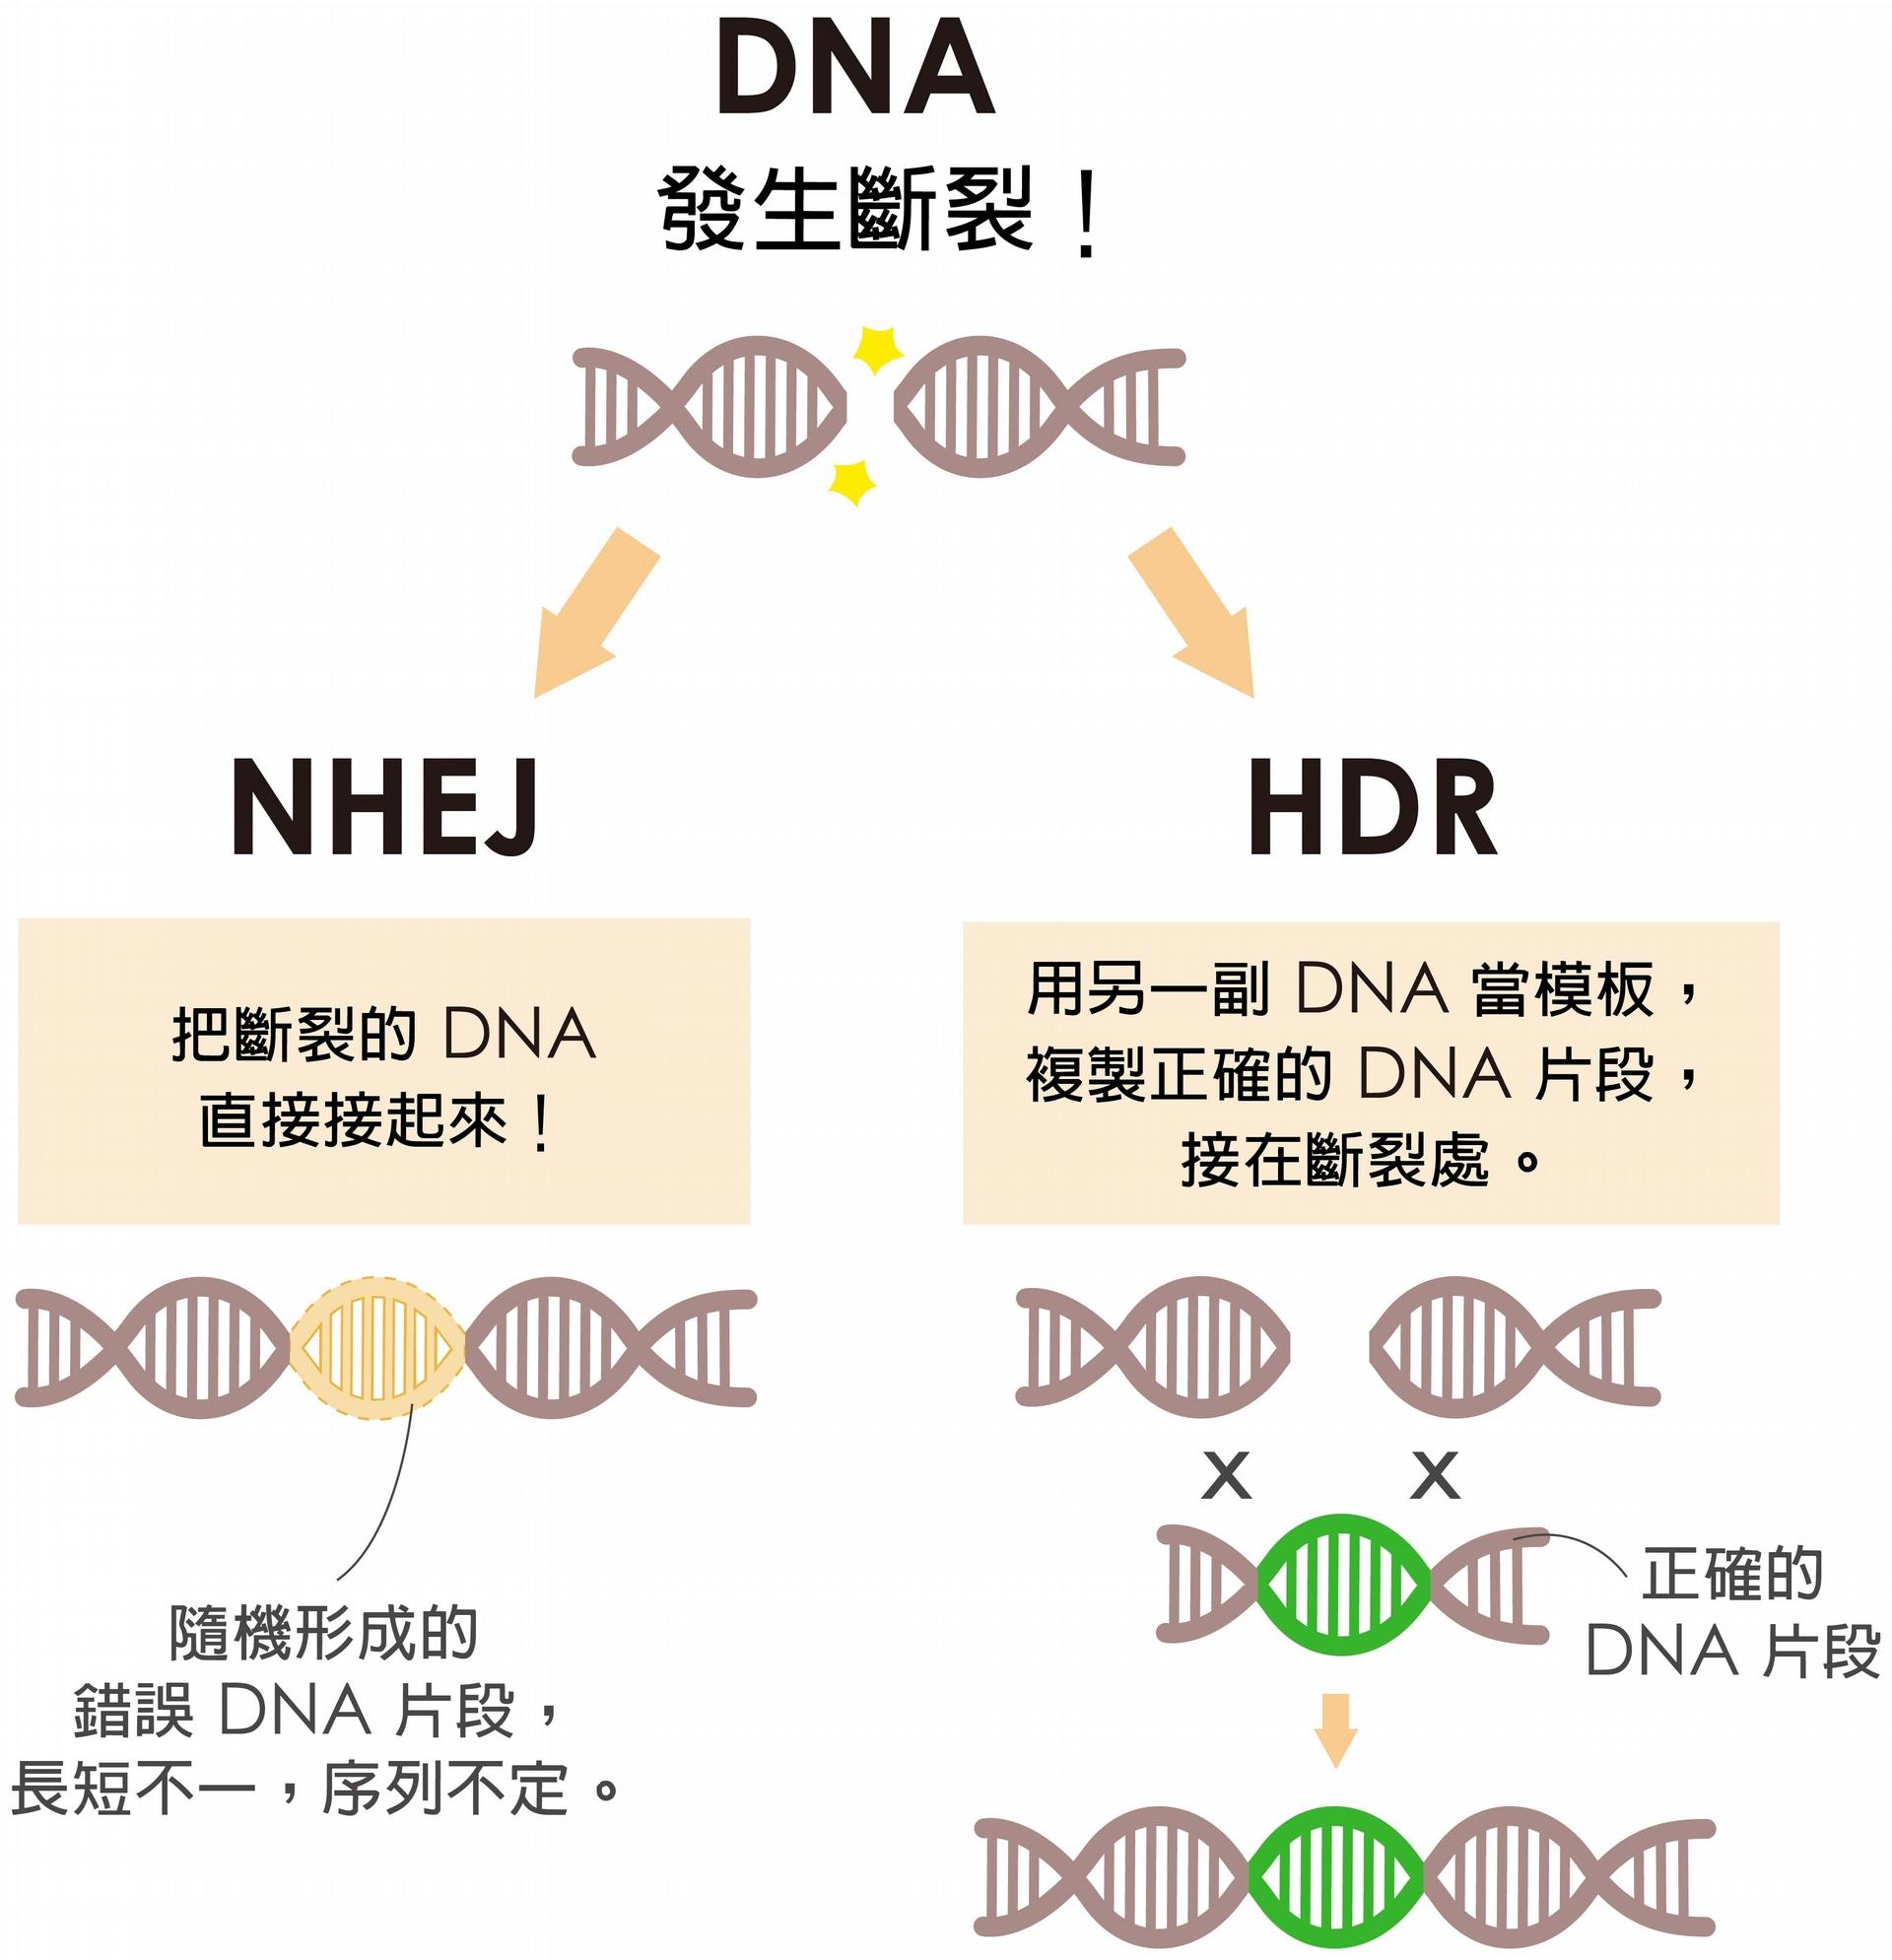 細胞修復 DNA 有兩條路,NHEJ 是直接把斷裂處接起來,HDR 是拿另一副 DNA 做模板複製正確的 DNA 片段,接在斷裂處。當細胞選擇走 HDR,才有可能接受外界送入的正確基因。 圖說設計│黃曉君、林洵安 資料來源│凌嘉鴻